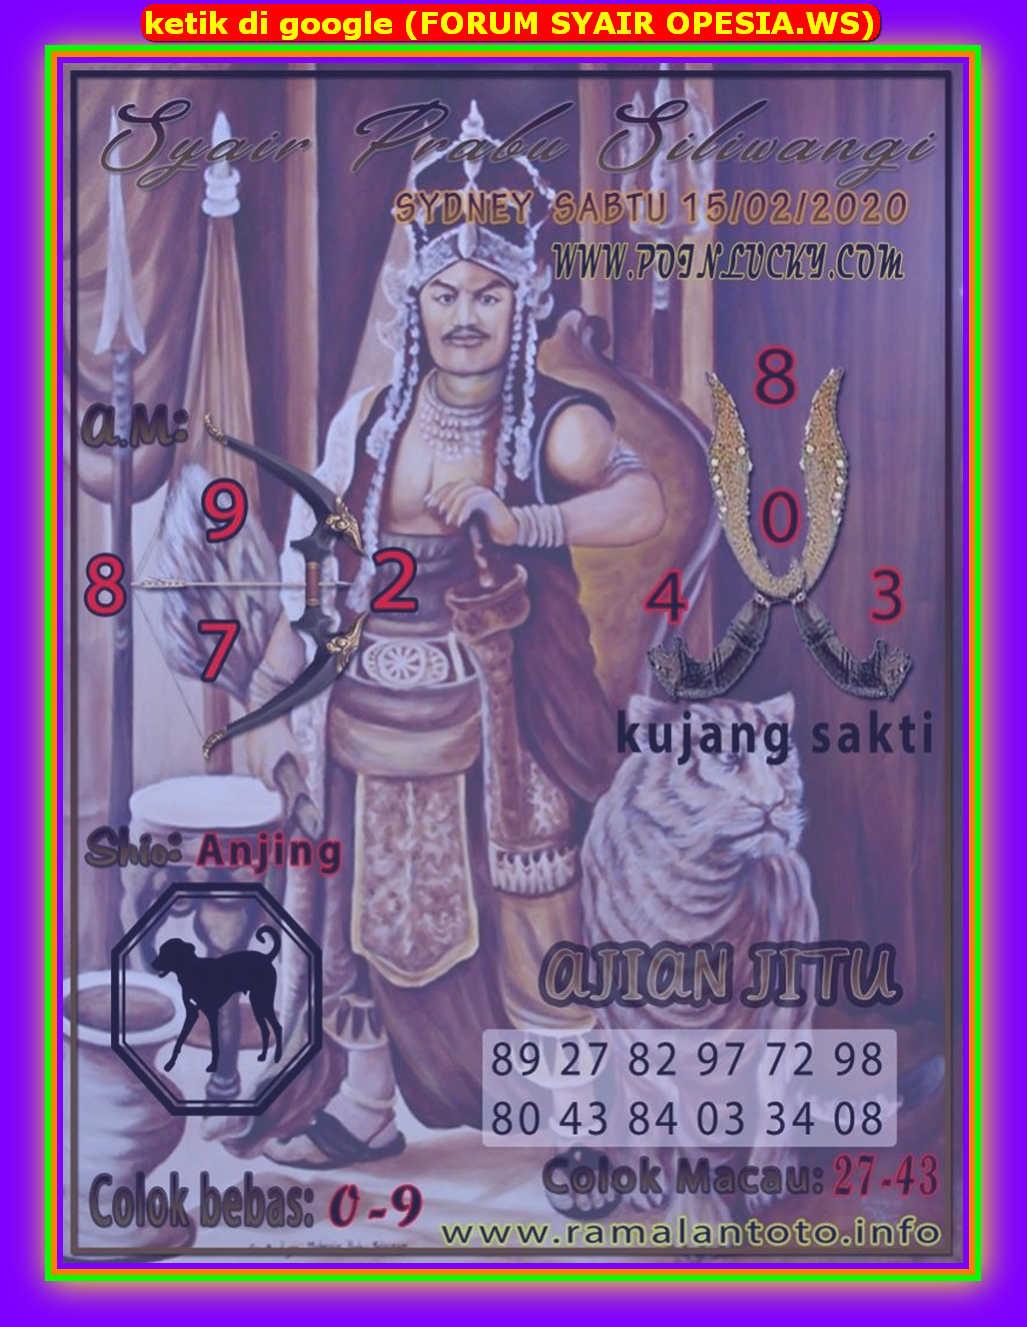 Kode syair Sydney Sabtu 15 Februari 2020 117